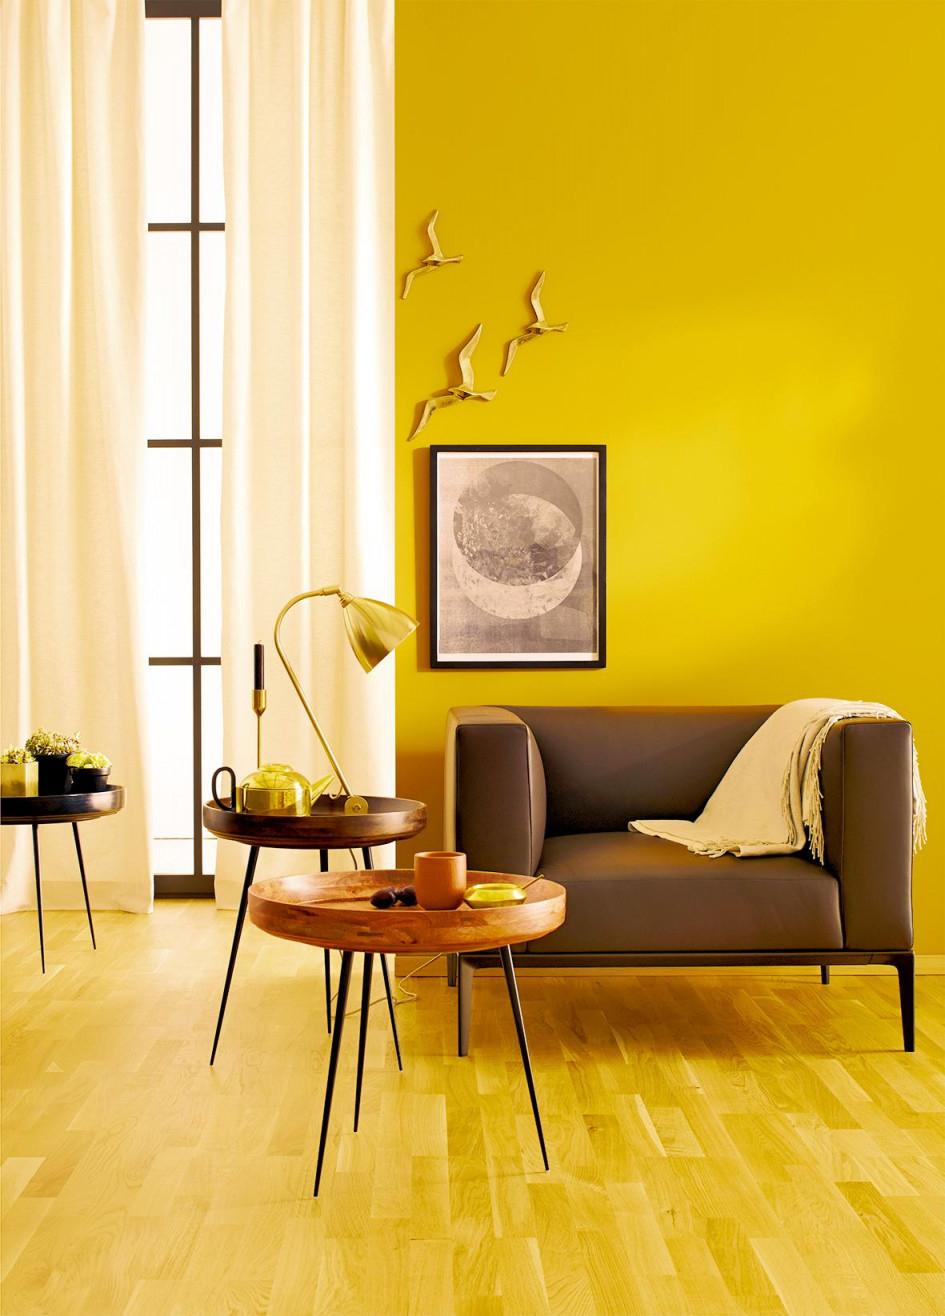 Gardinen – Praktisch Und Schön So Geht's von Schöner Wohnen Gardinen Wohnzimmer Bild